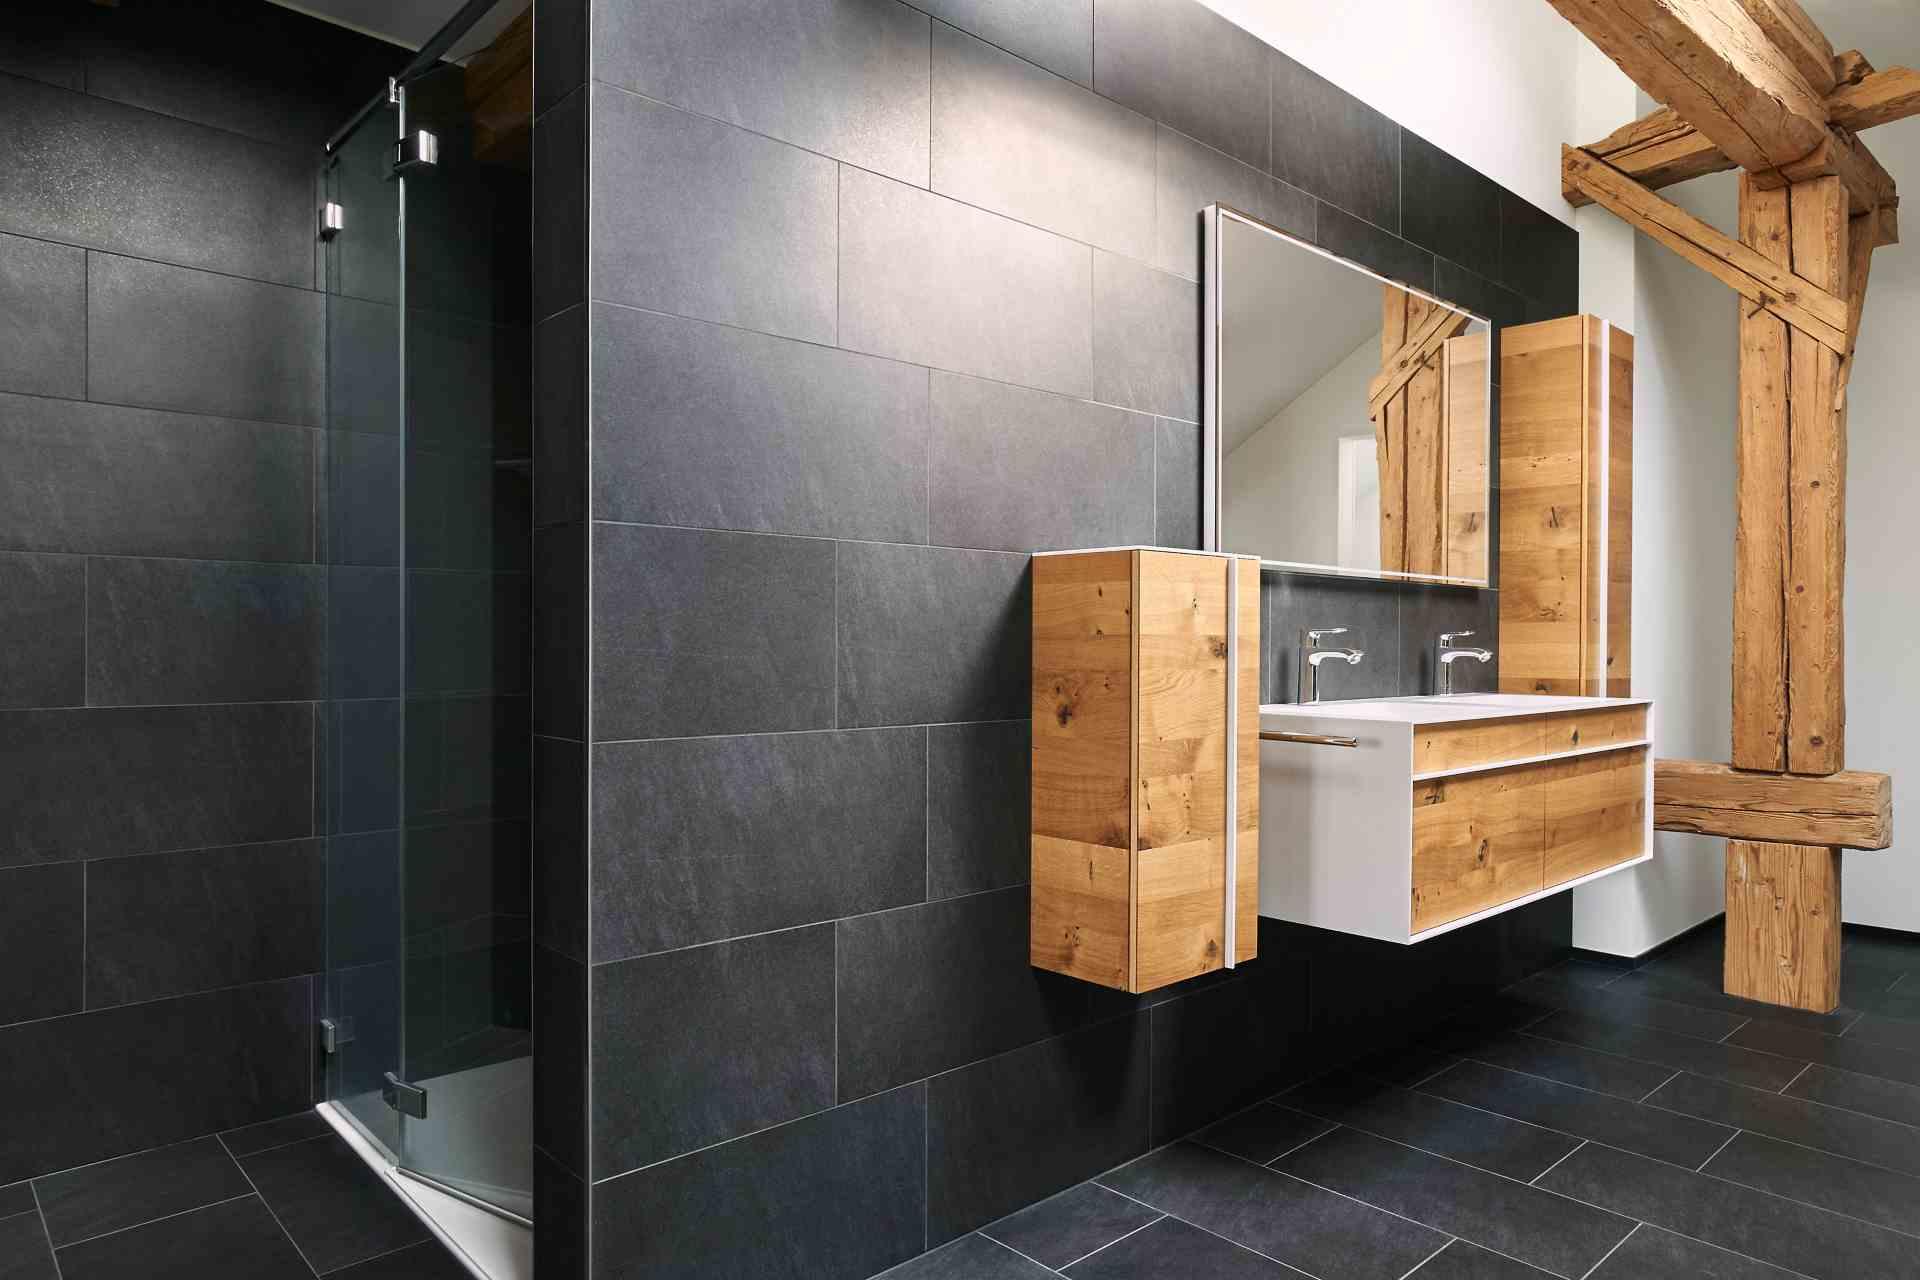 Fußbodenplatten Bad ~ Ihr ansprechpartner für platten & natursteinarbeiten kewabo senn